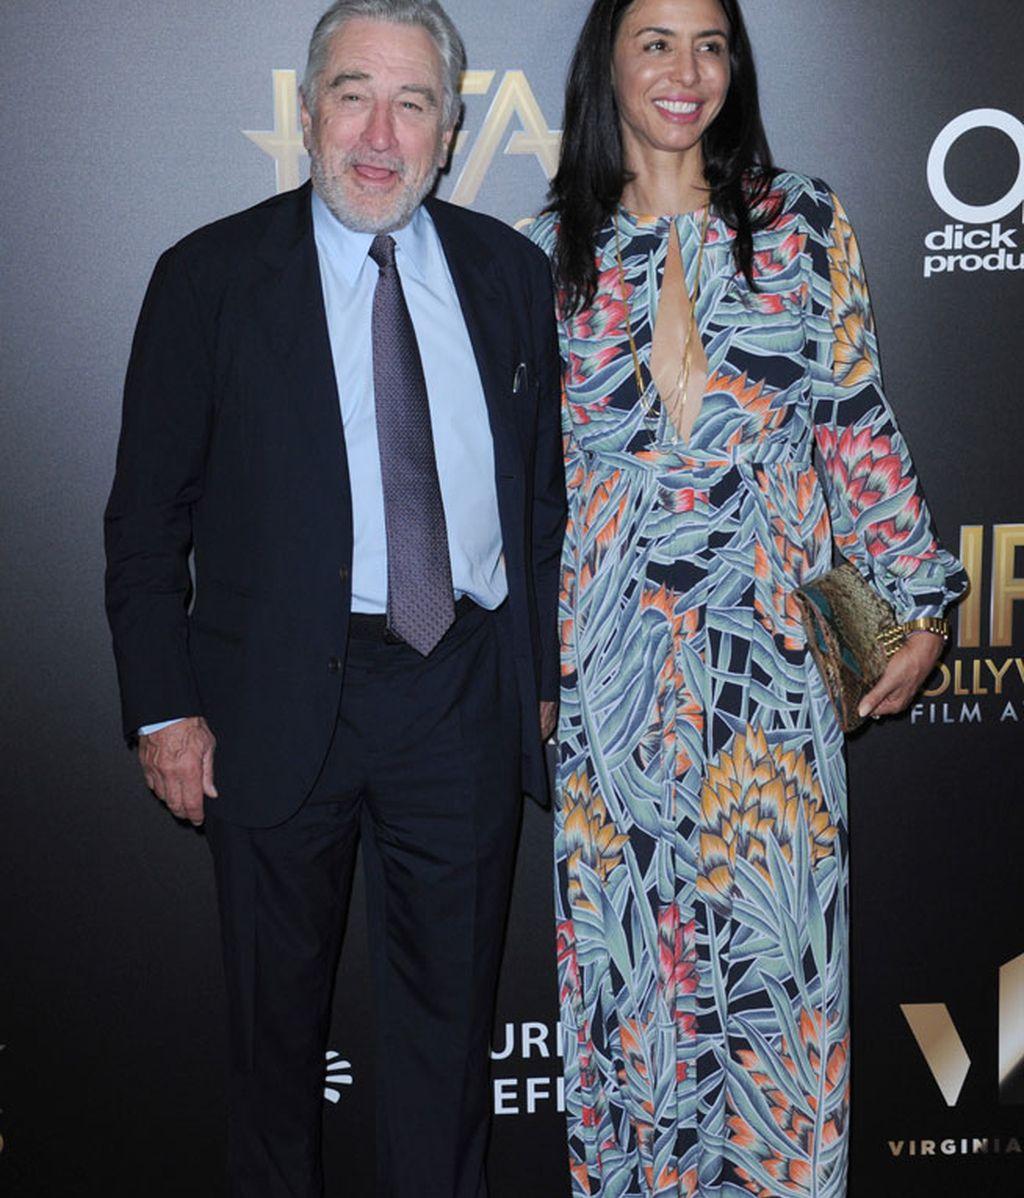 Robert De Niro acompañado de su hija Drena De Niro, que apostó por el estampado